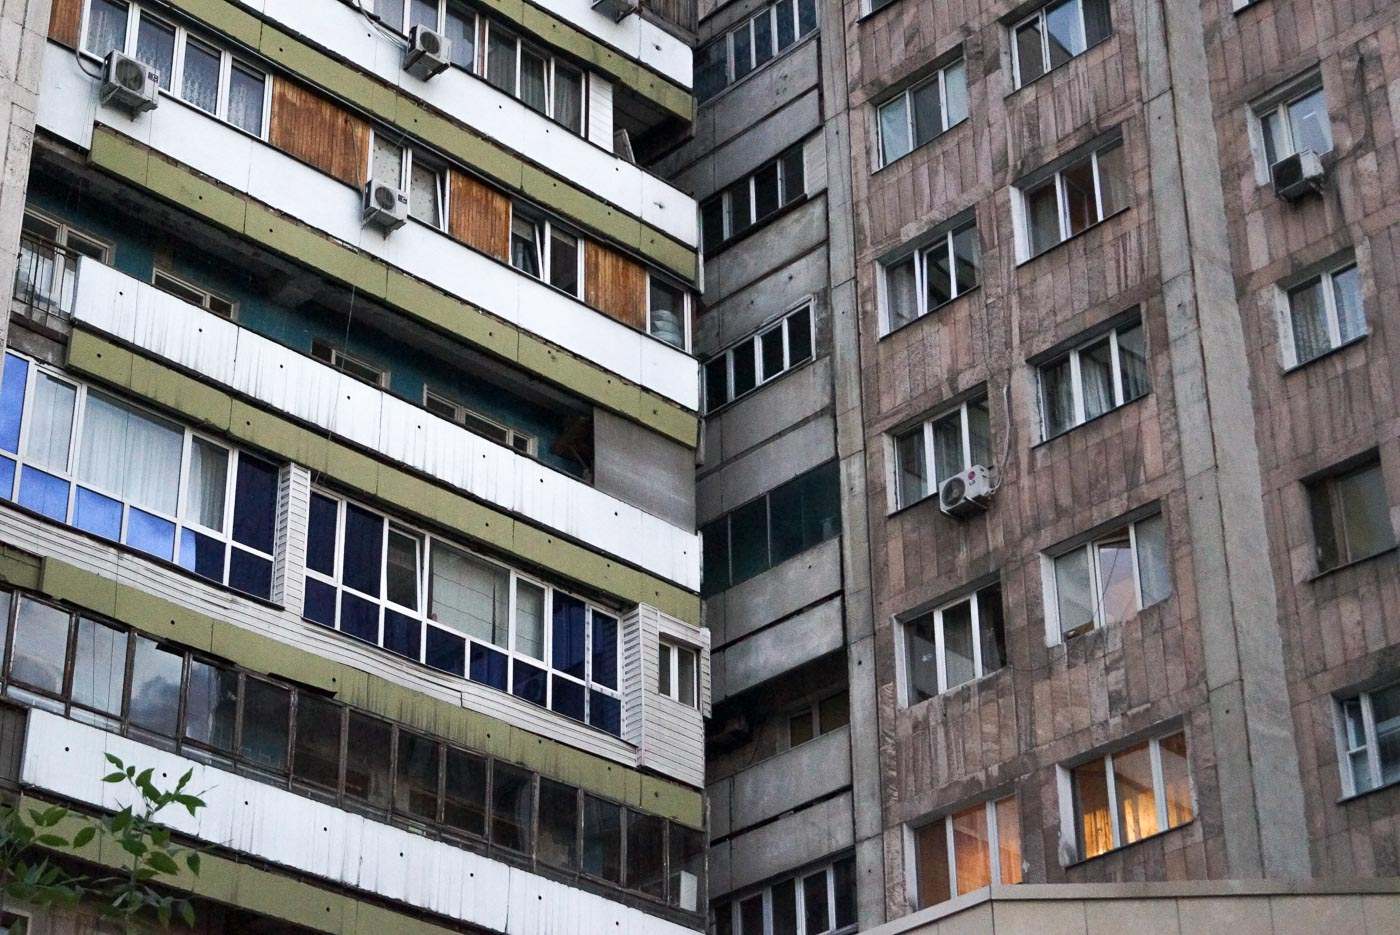 zu sehen sind zwei Plattenbauten die dicht nebeneinander gebaut sind und so ein Dreieck bilden ihre Häuserfronten sind grau und teilweise grün in den Fenstern spiegelt sich der Himmel wider.